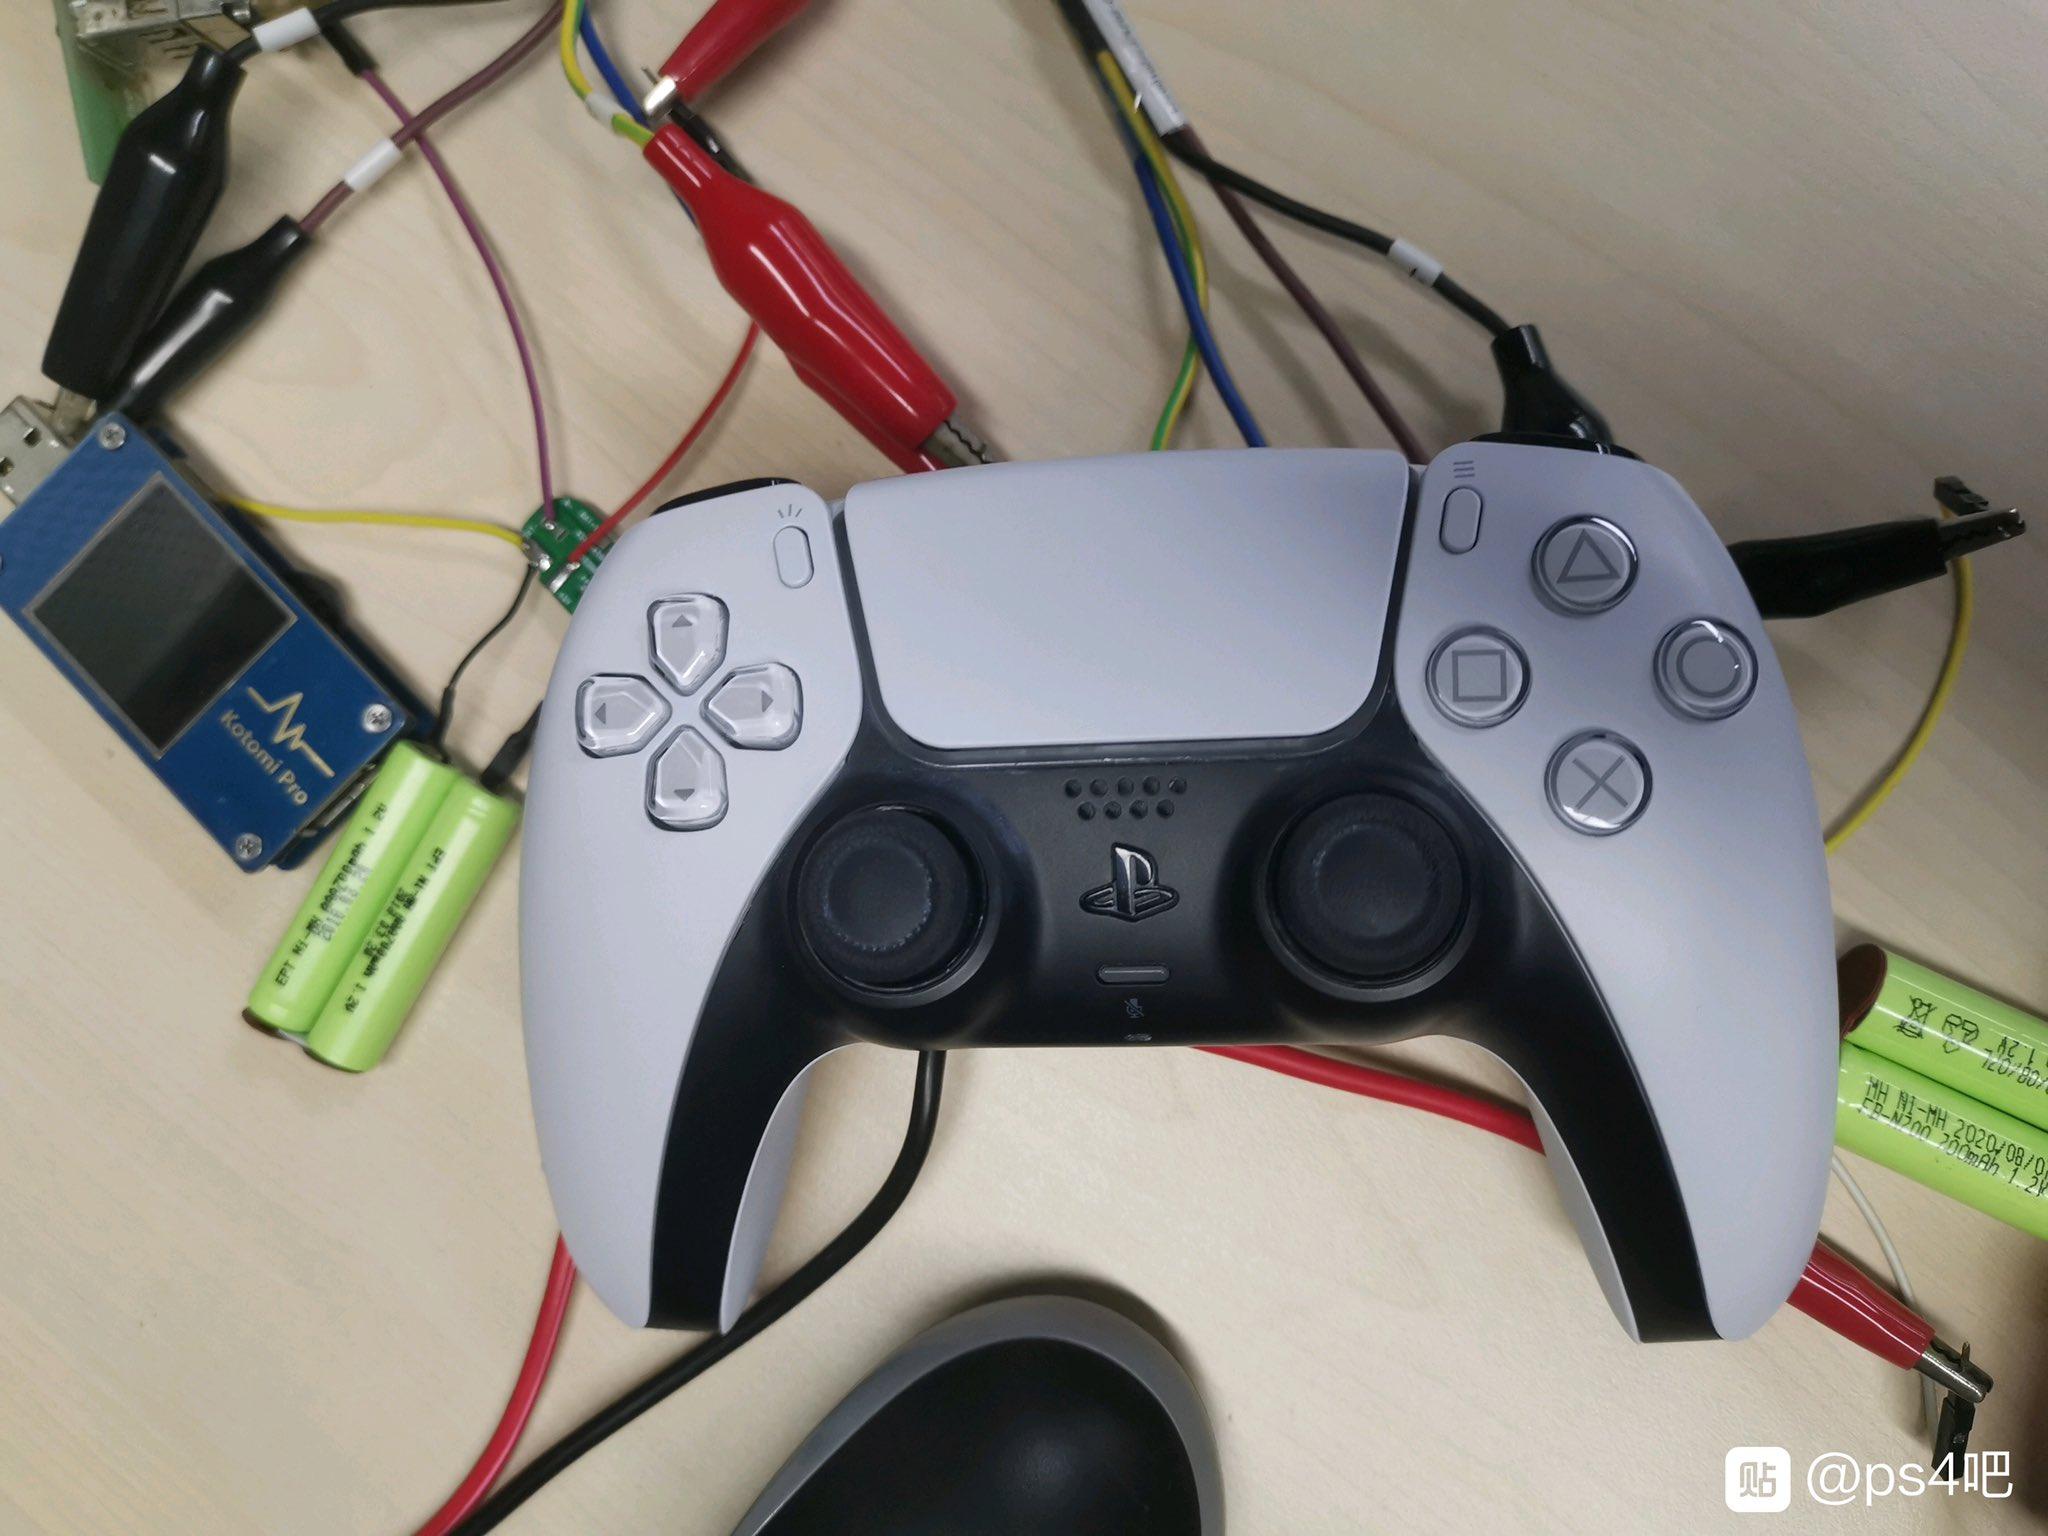 Тестувальник аксесуарів злив фото контролера від PlayStation 5 / фото twitter.com/Galaxyrain666